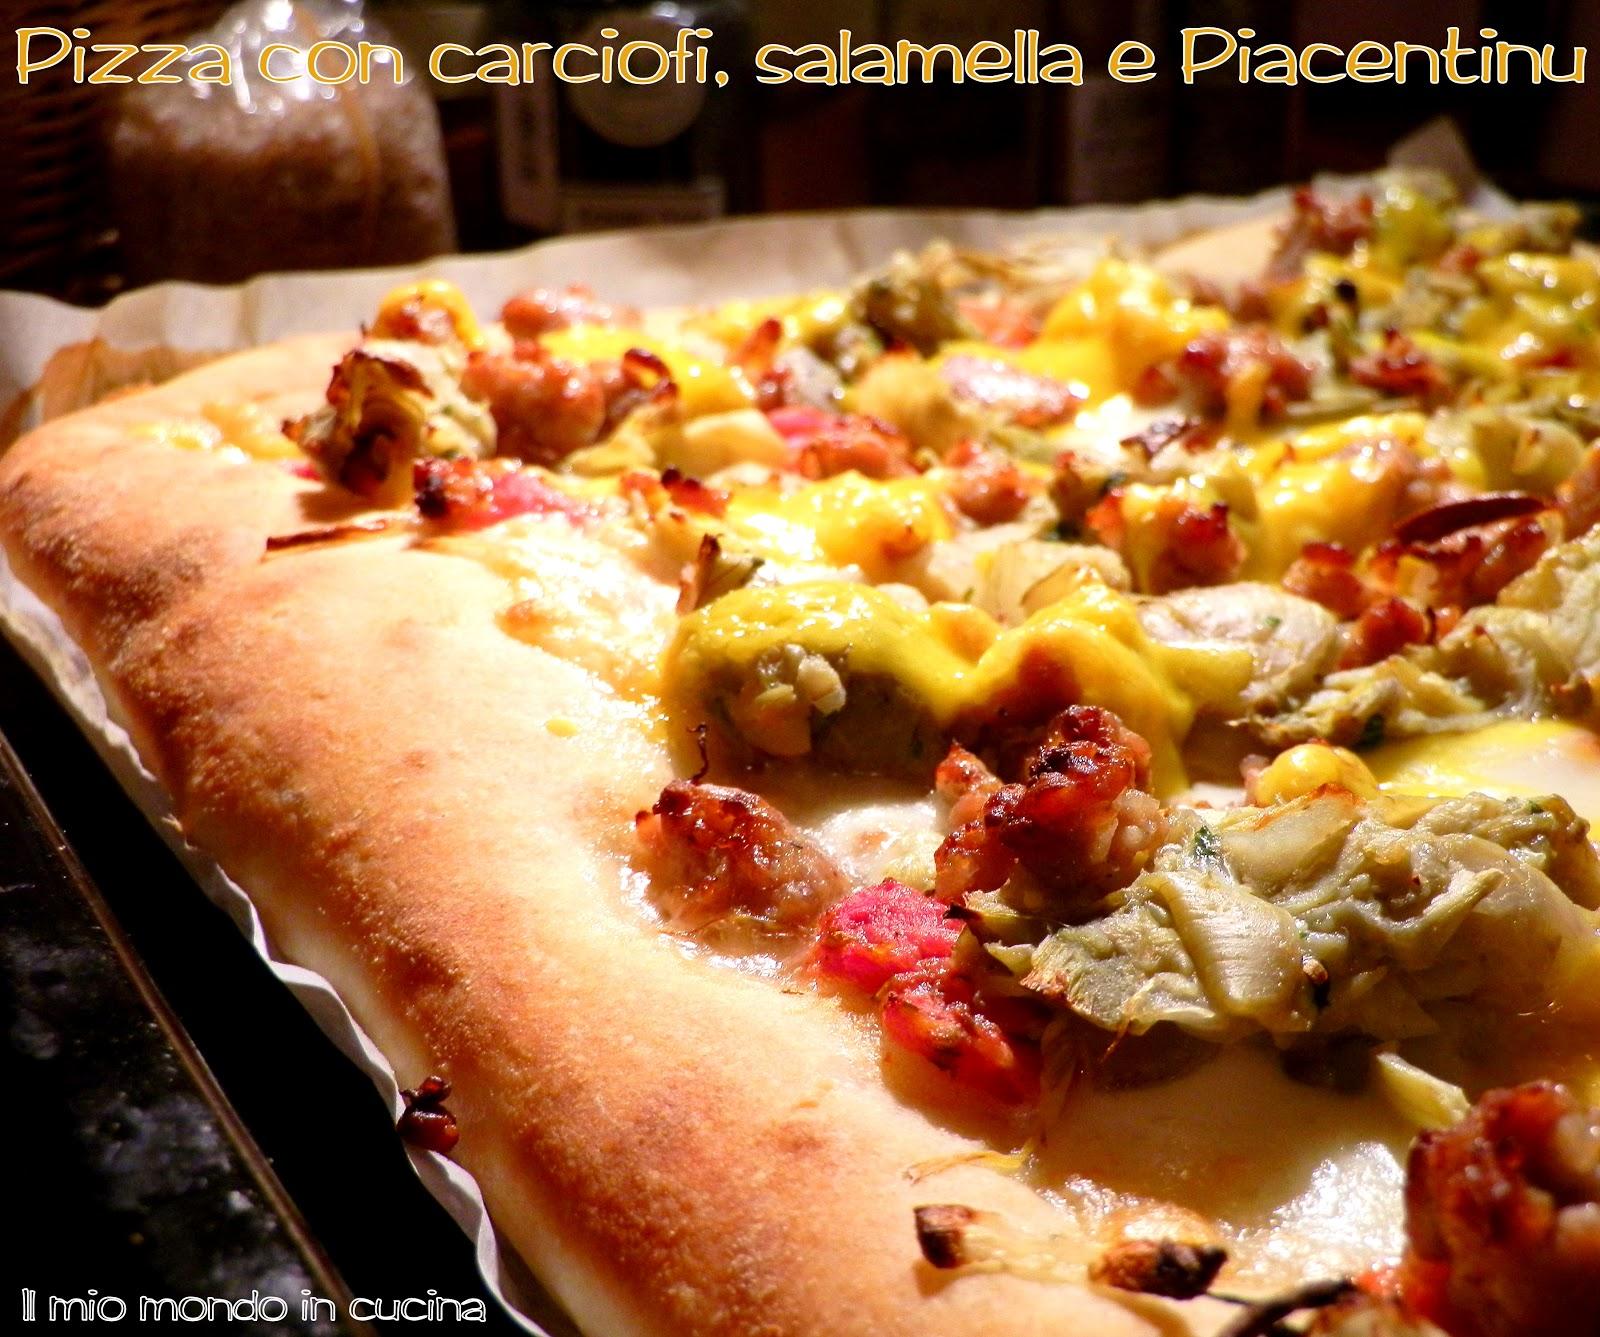 Pizza Con Salamella Carciofi E Formaggio Piacentinu